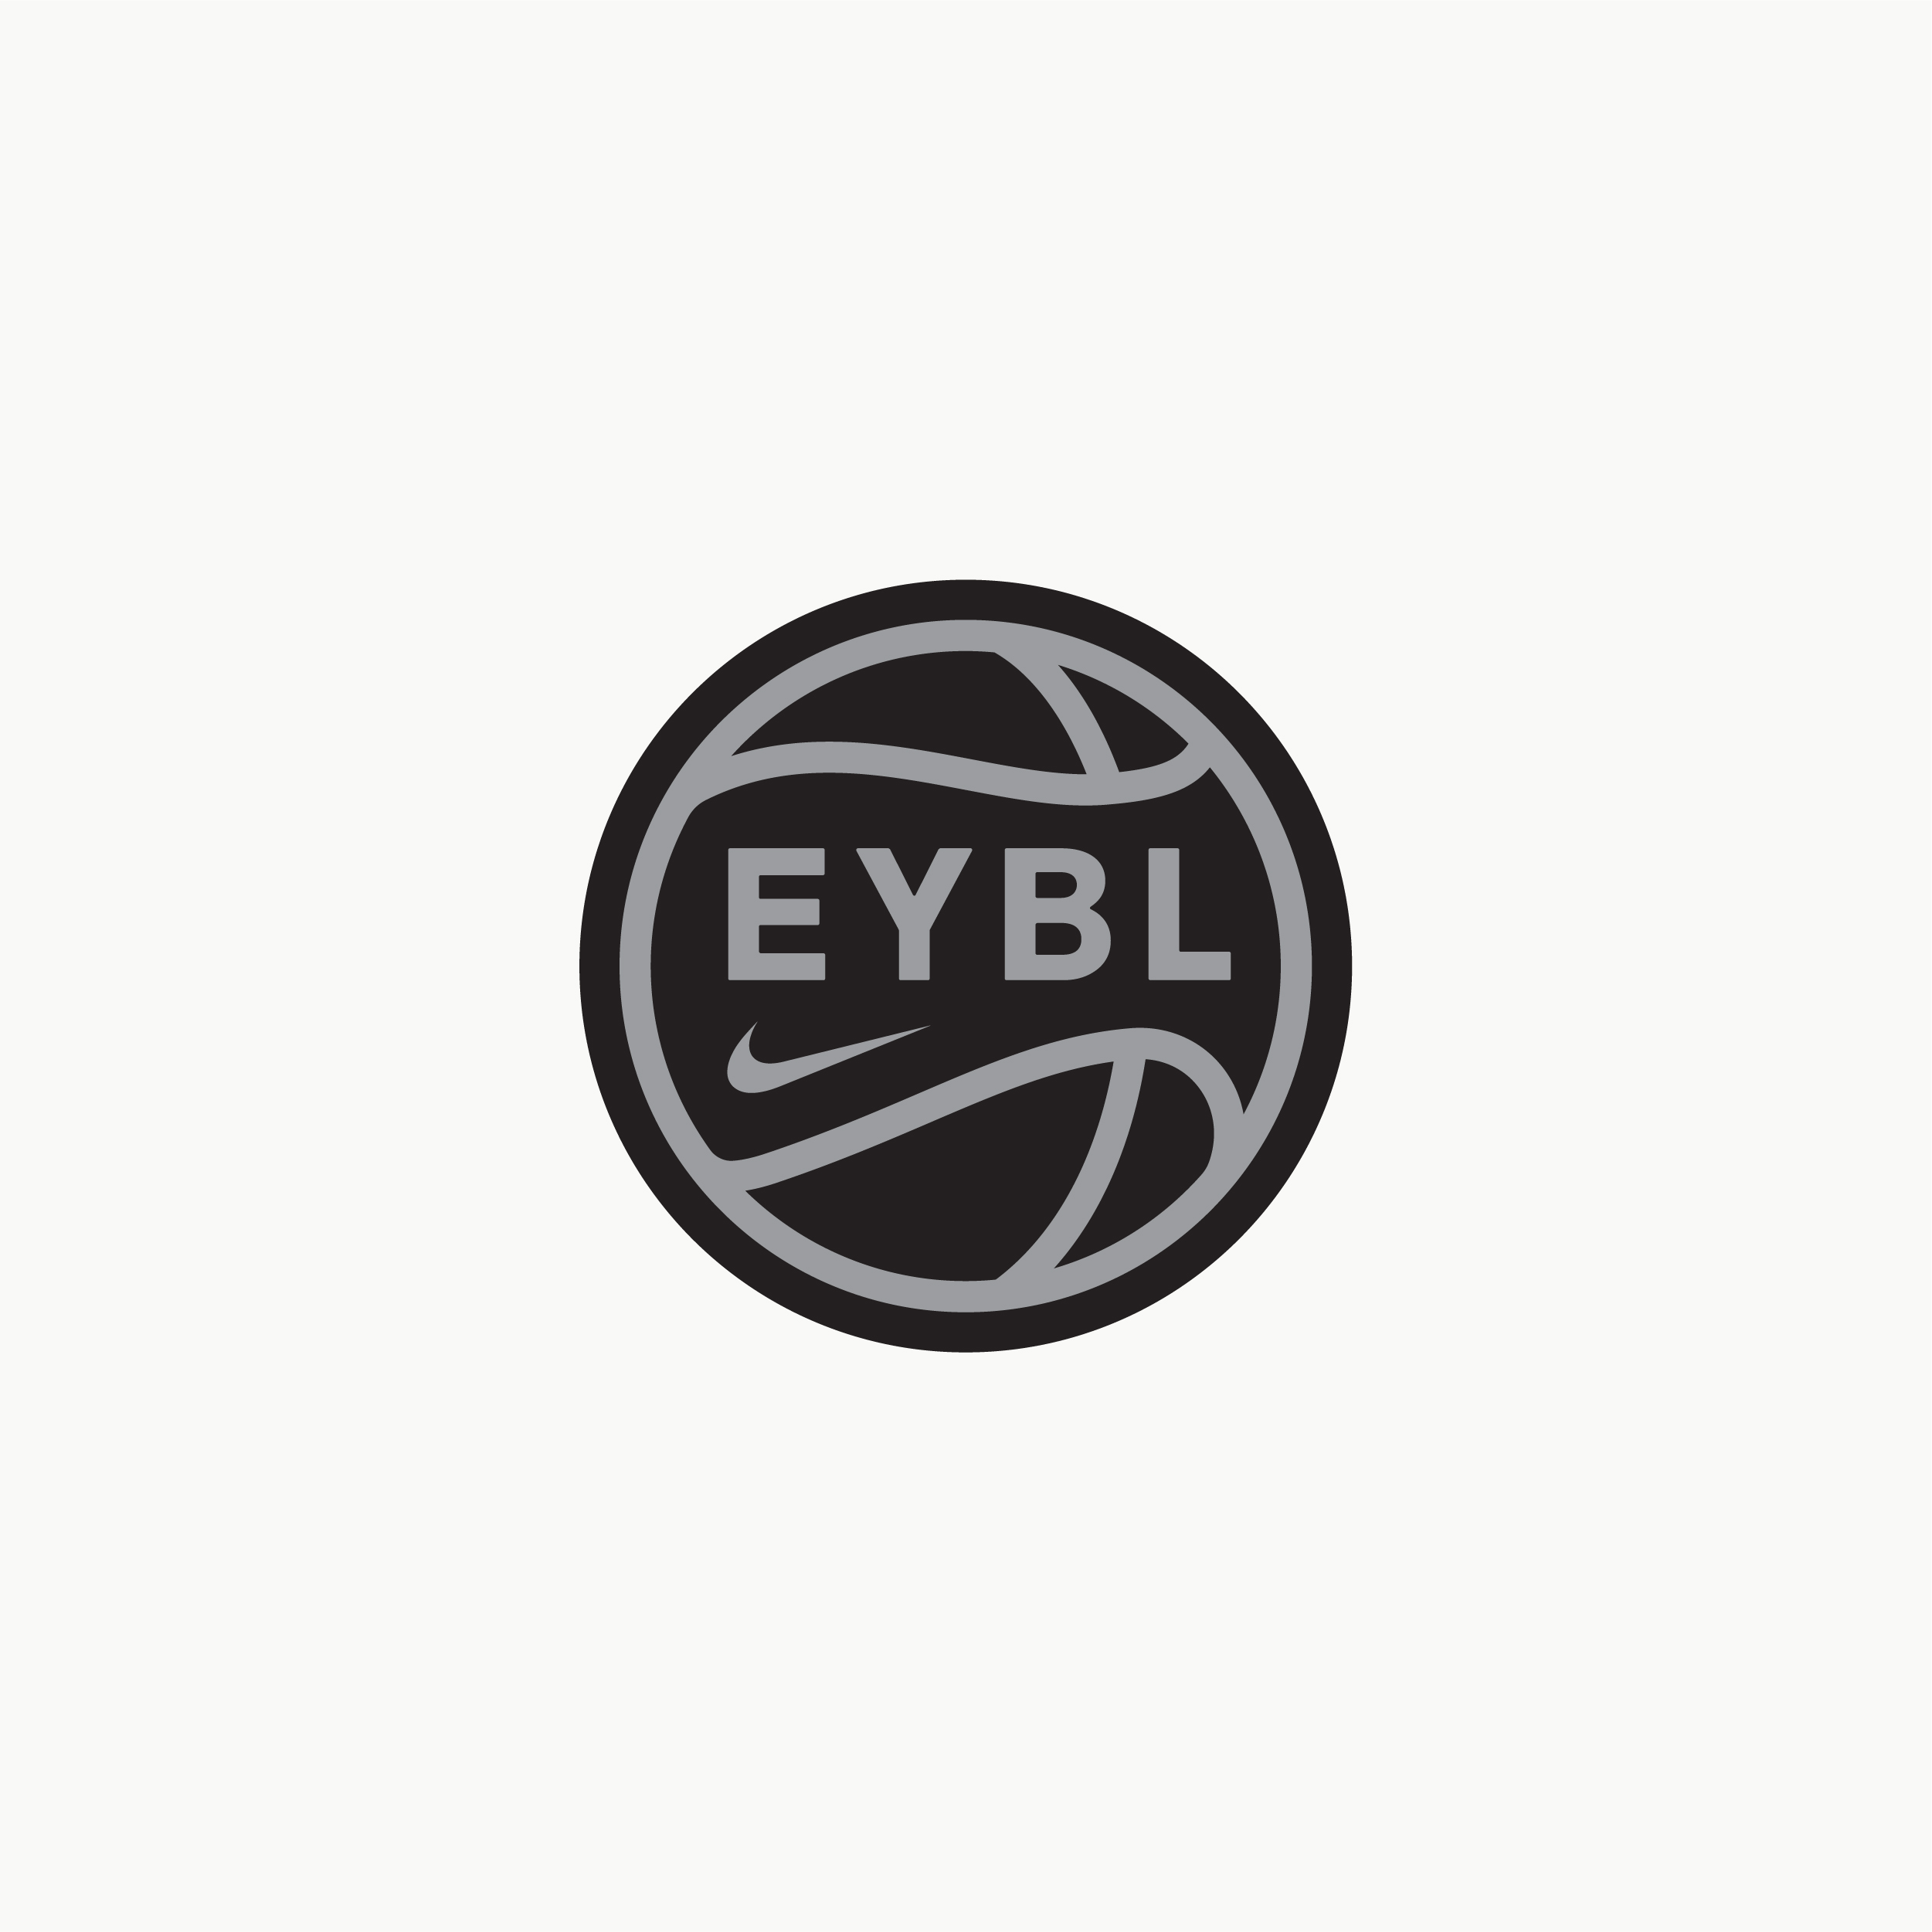 TBS_LogosMarks_NikeEYBL